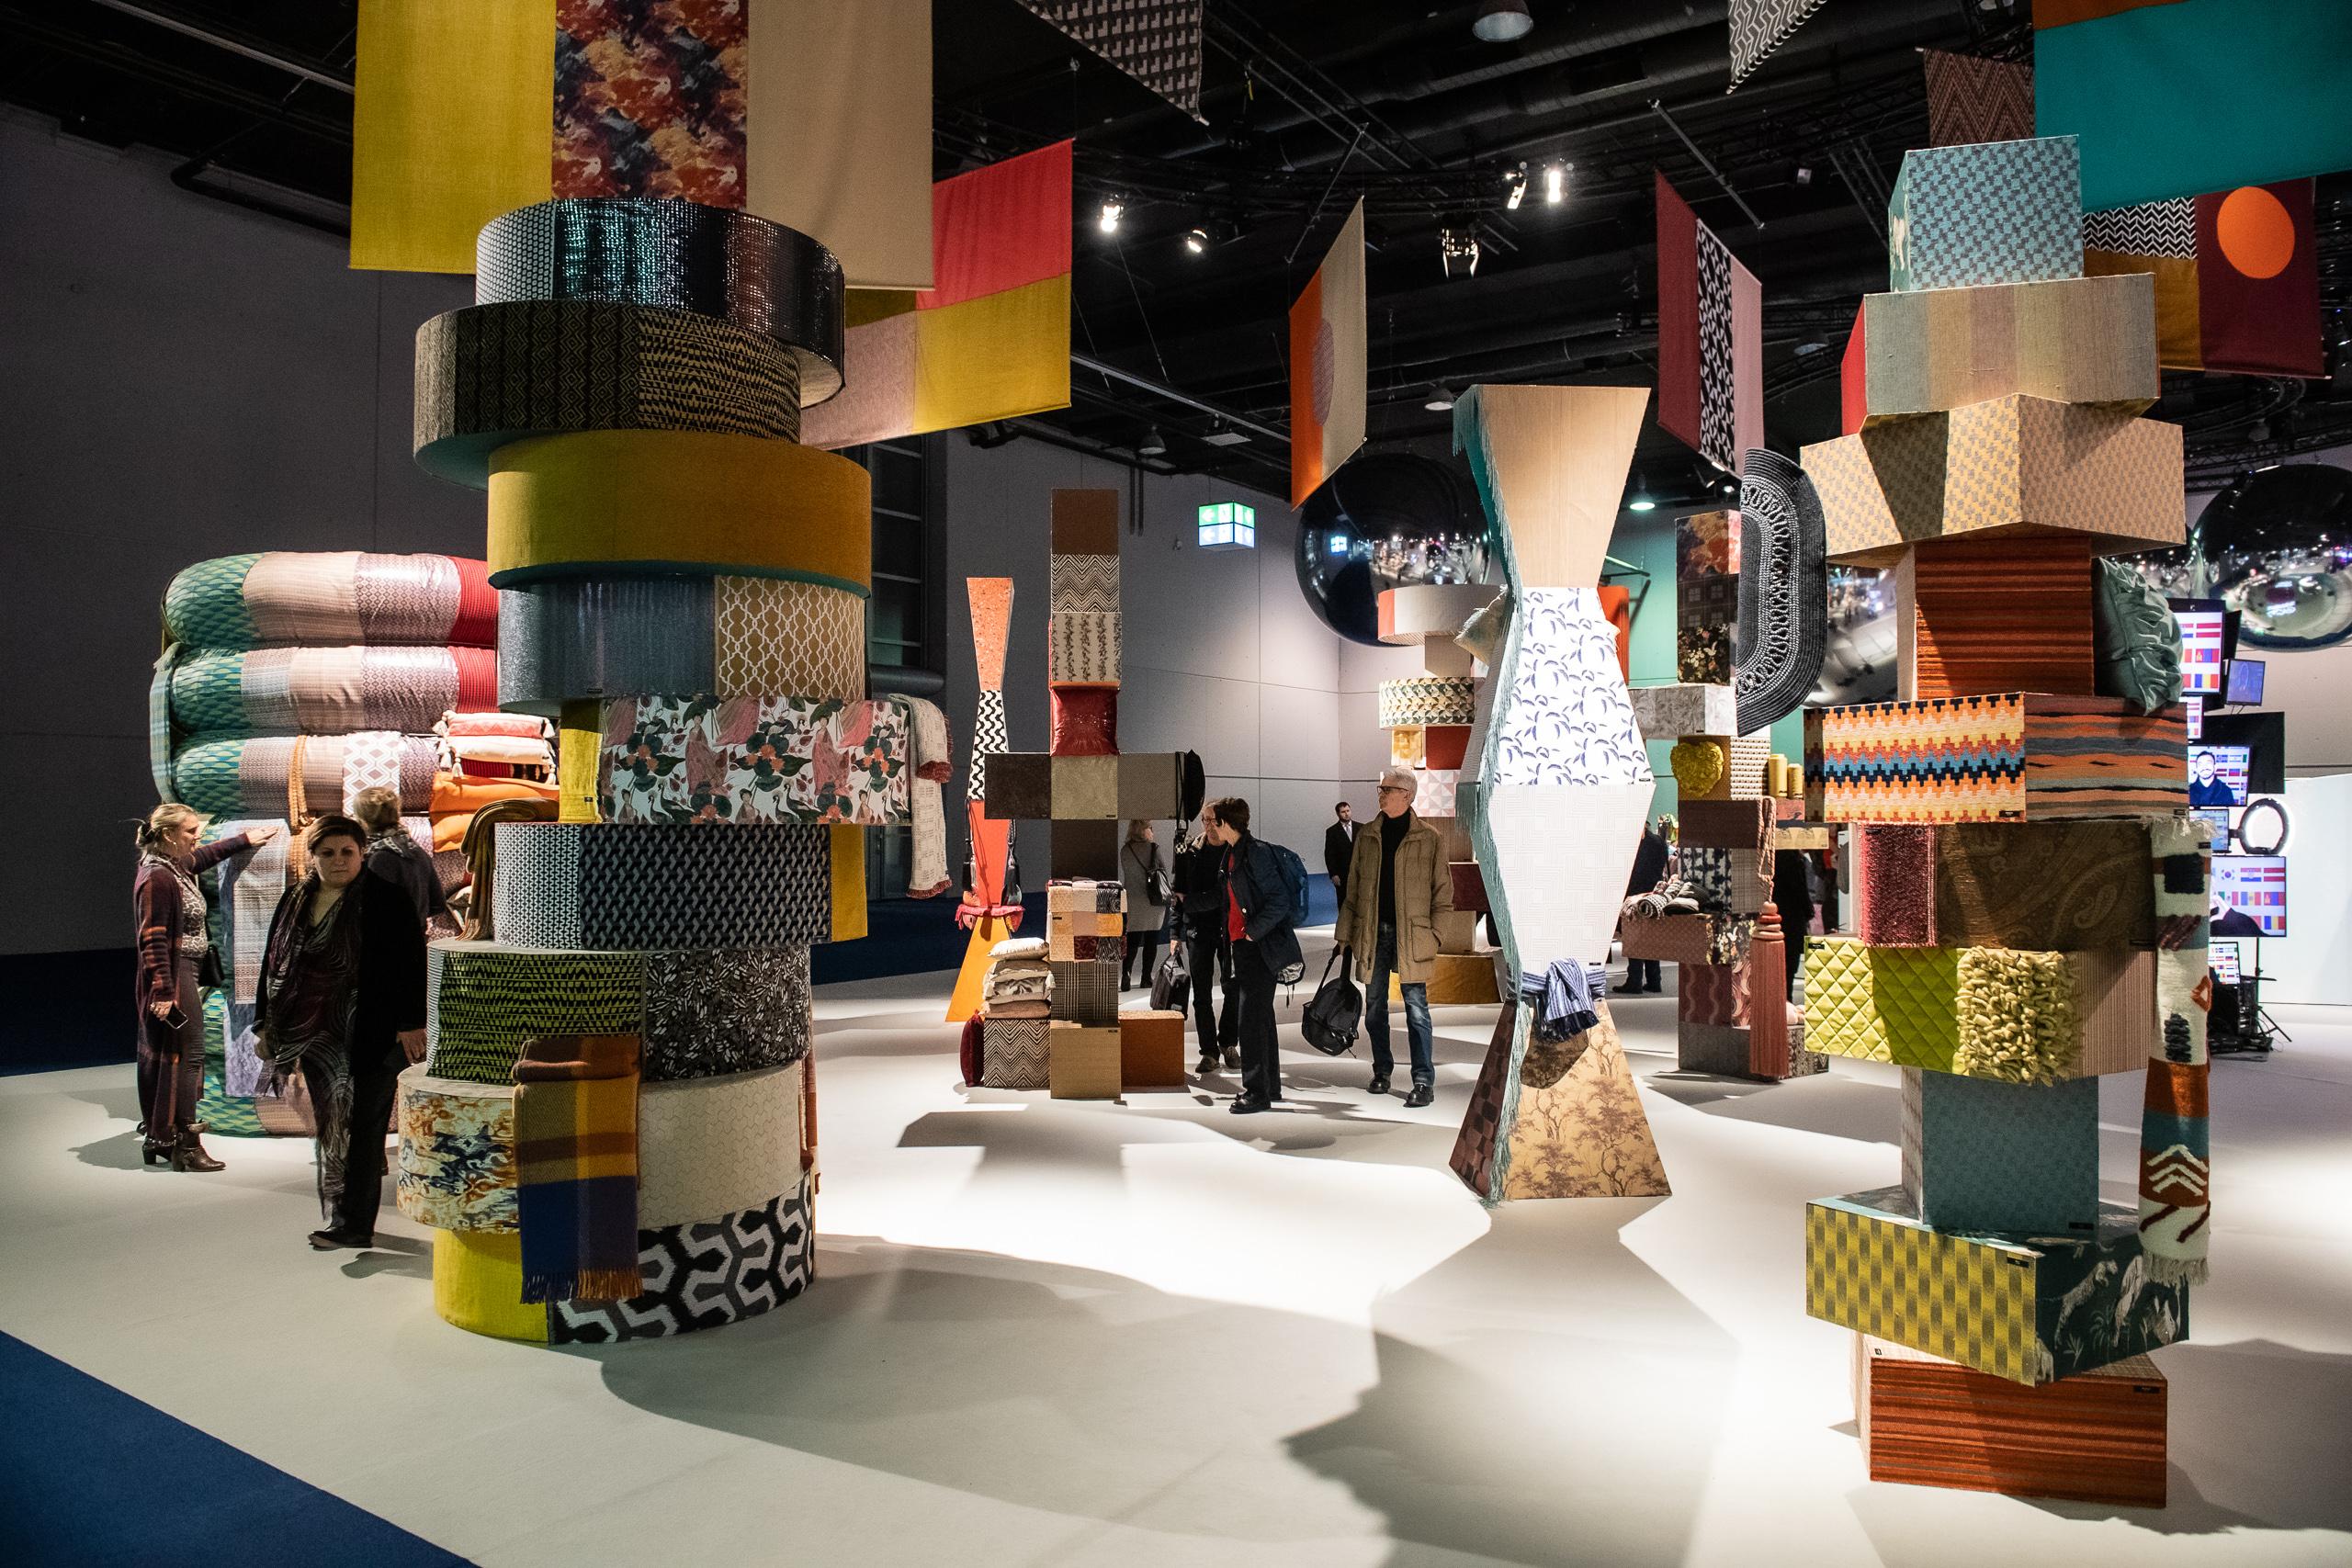 Foto Pietro Sutera. Stand Multi Local, Heimtextil Frankfurt, unde materialele imprimate reinterpretează motivele tradiționale din mai multe țări ale globului.